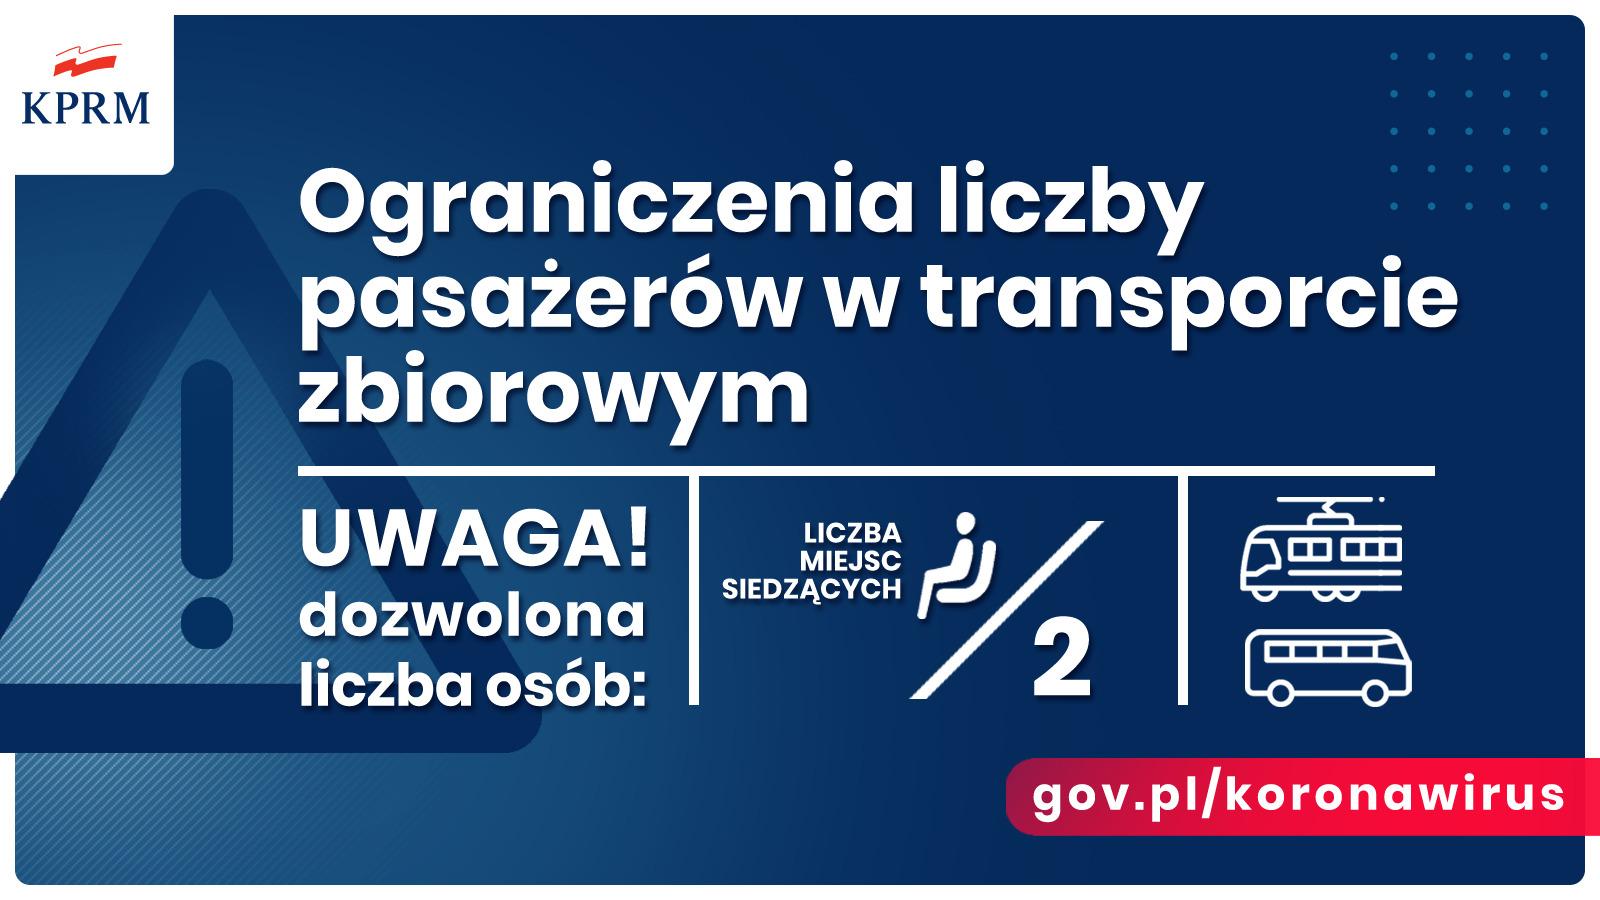 ET39C16WkAAb1mb - Pilne: Rząd wprowadza nowe zasady bezpieczeństwa w związku z koronawirusem